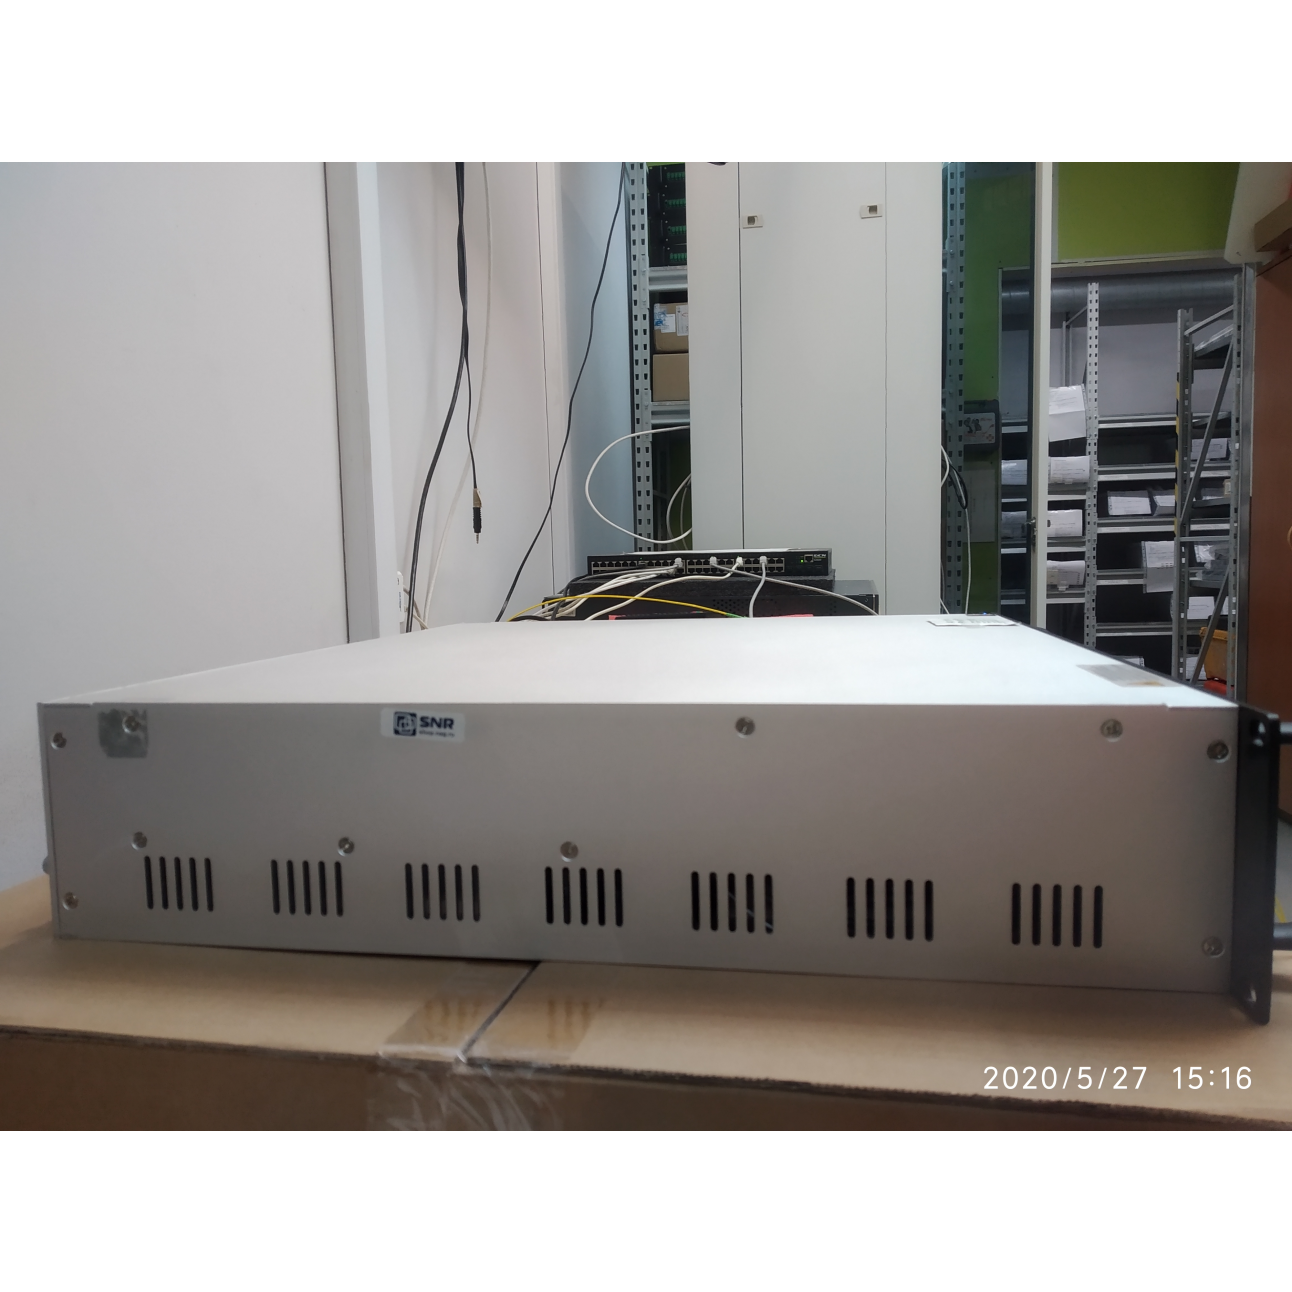 Оптический усилитель VERMAX для сетей КТВ, 8*23dBm (б/у)